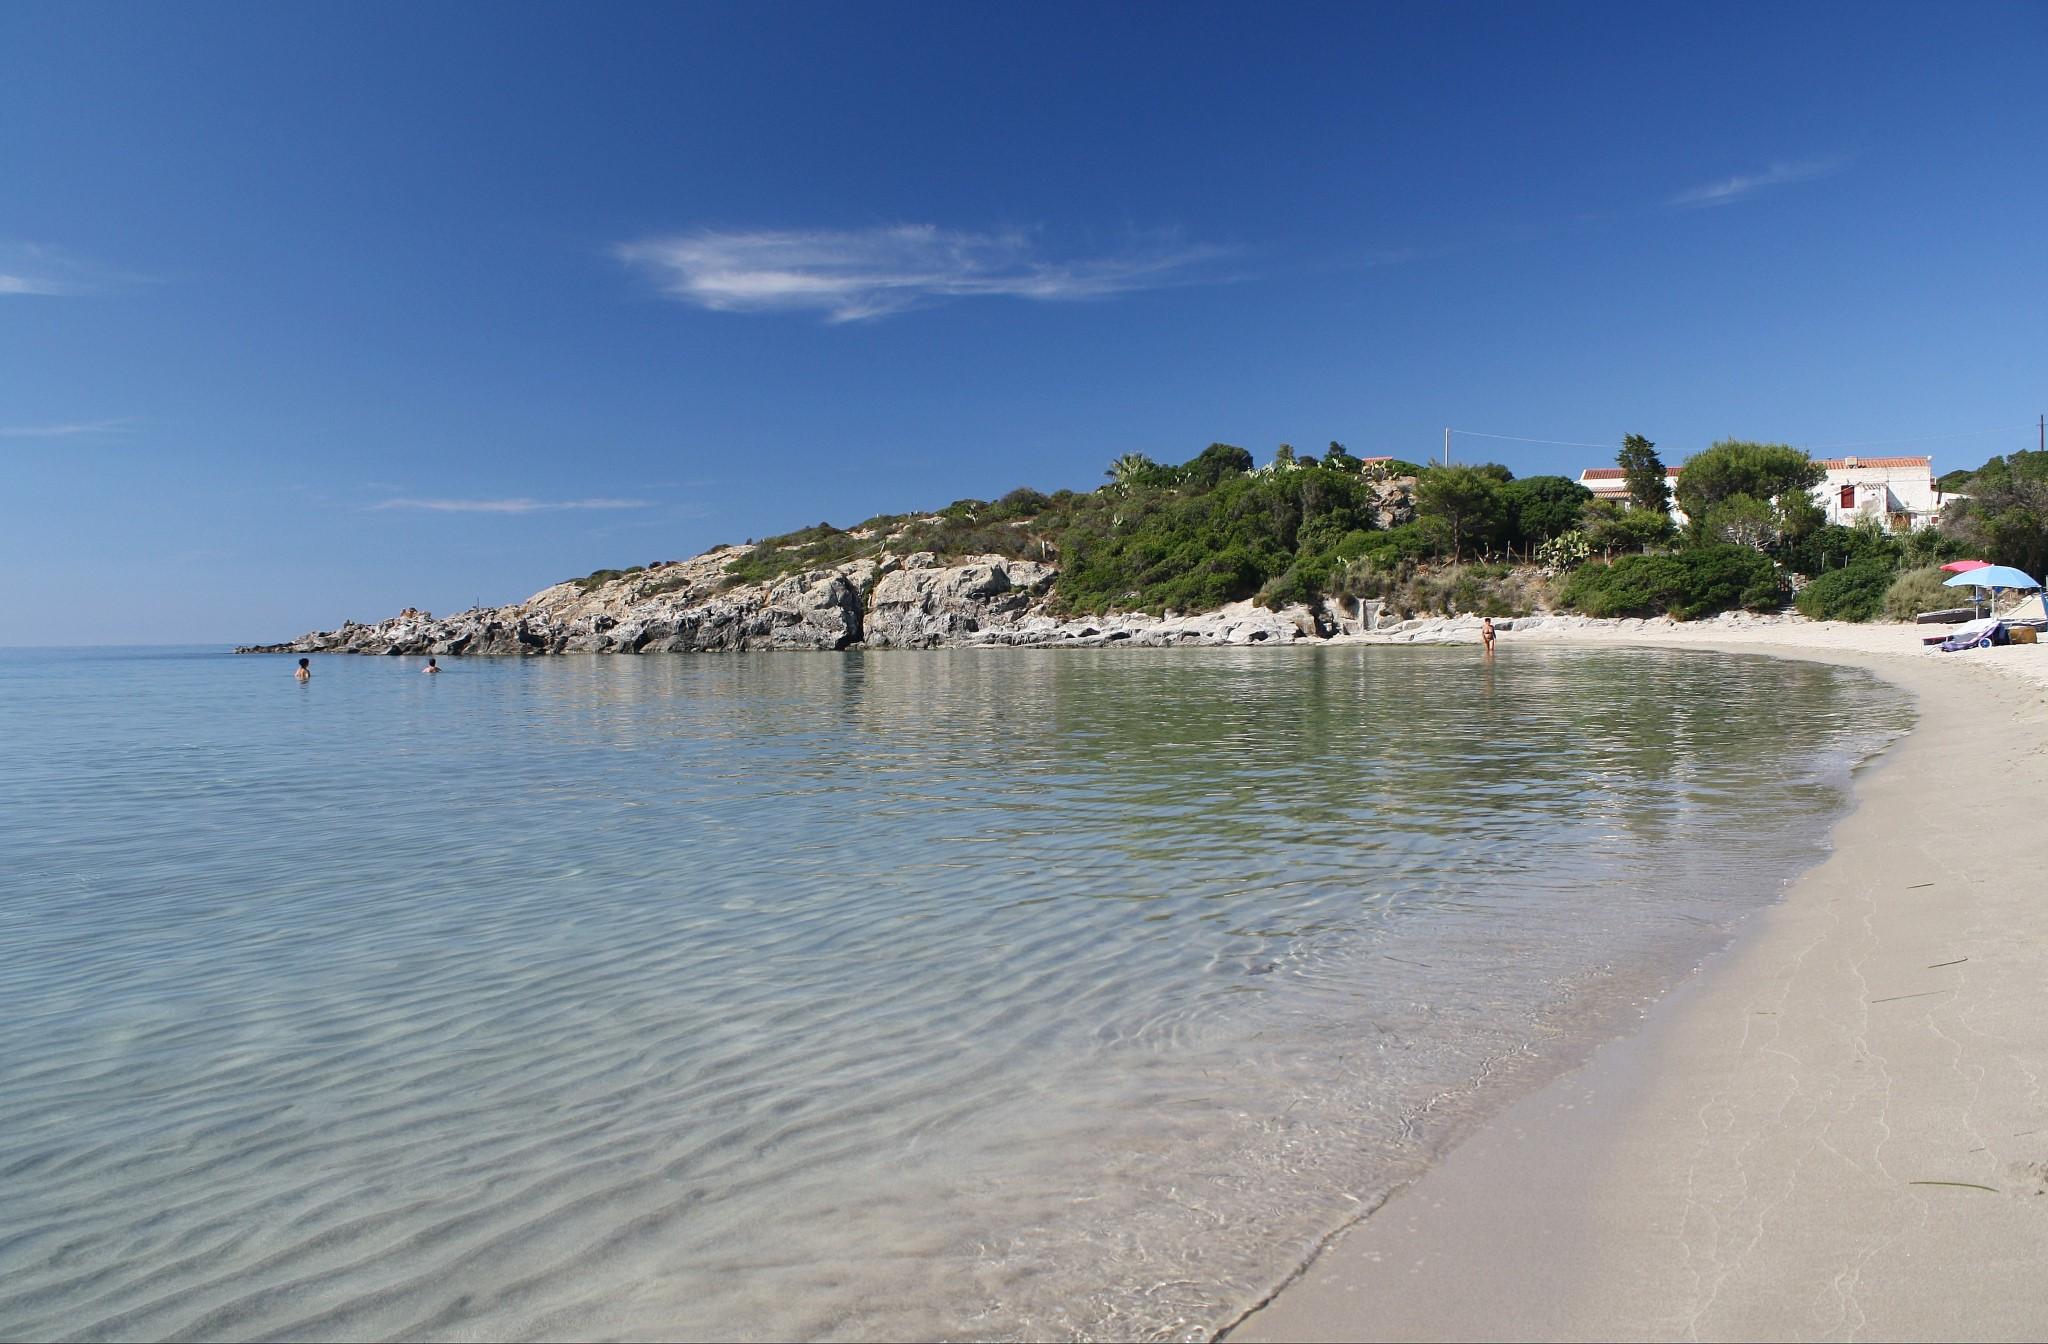 La Bobba Beach, San Pietro Island, Sardinia, Italy